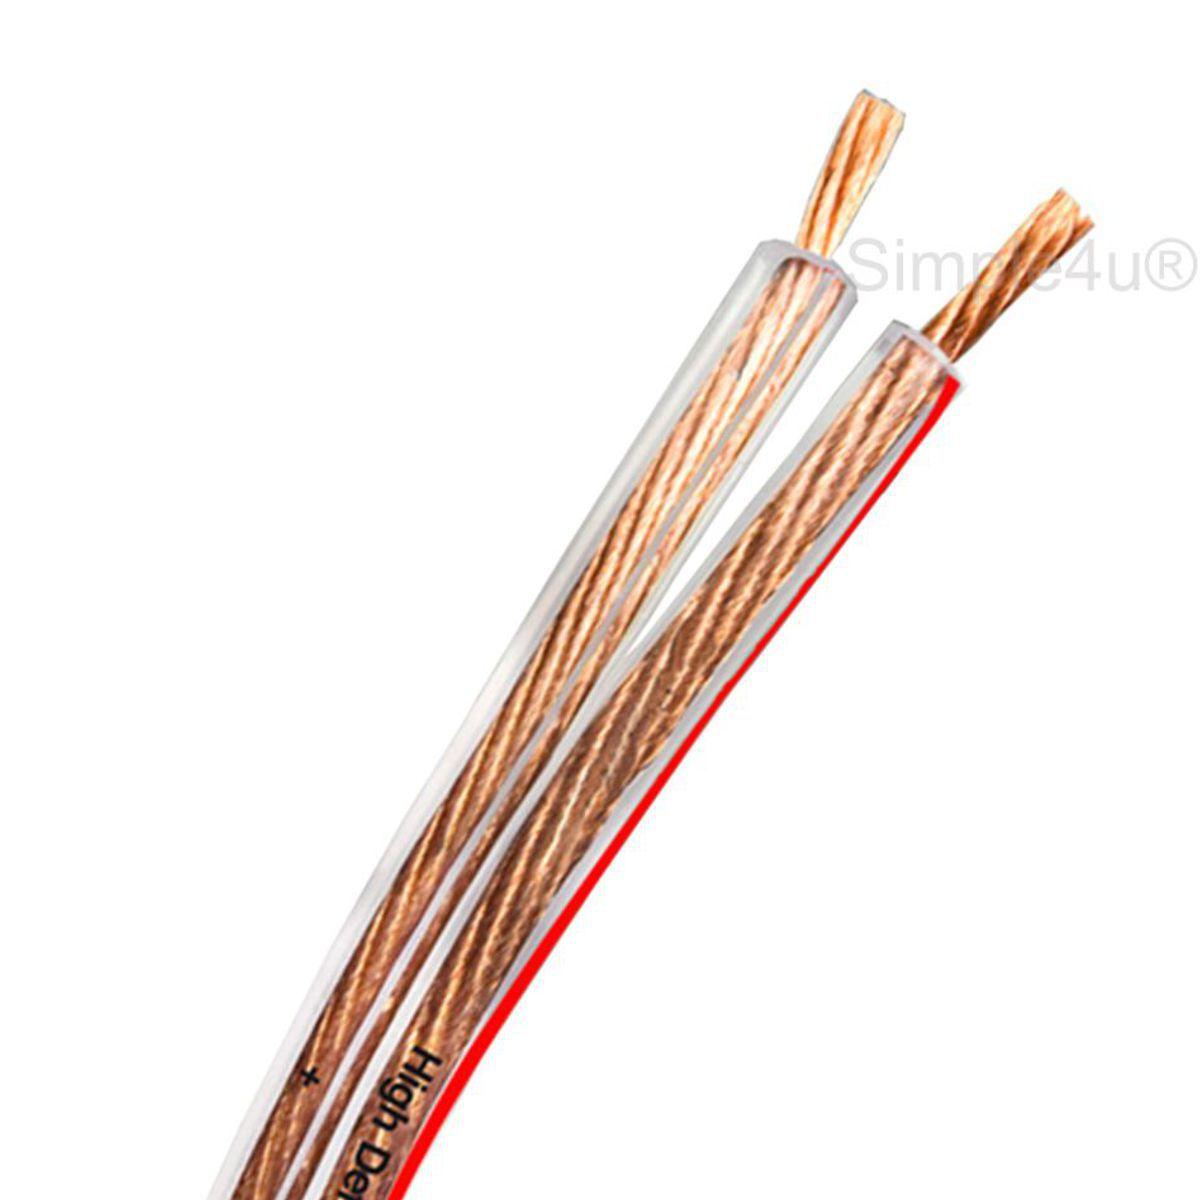 Cabo Polarizado P/ Caixa Acústica de Som 2x1,50mm2 HP-SP 150 DMD Diamond Cable (30 MT)